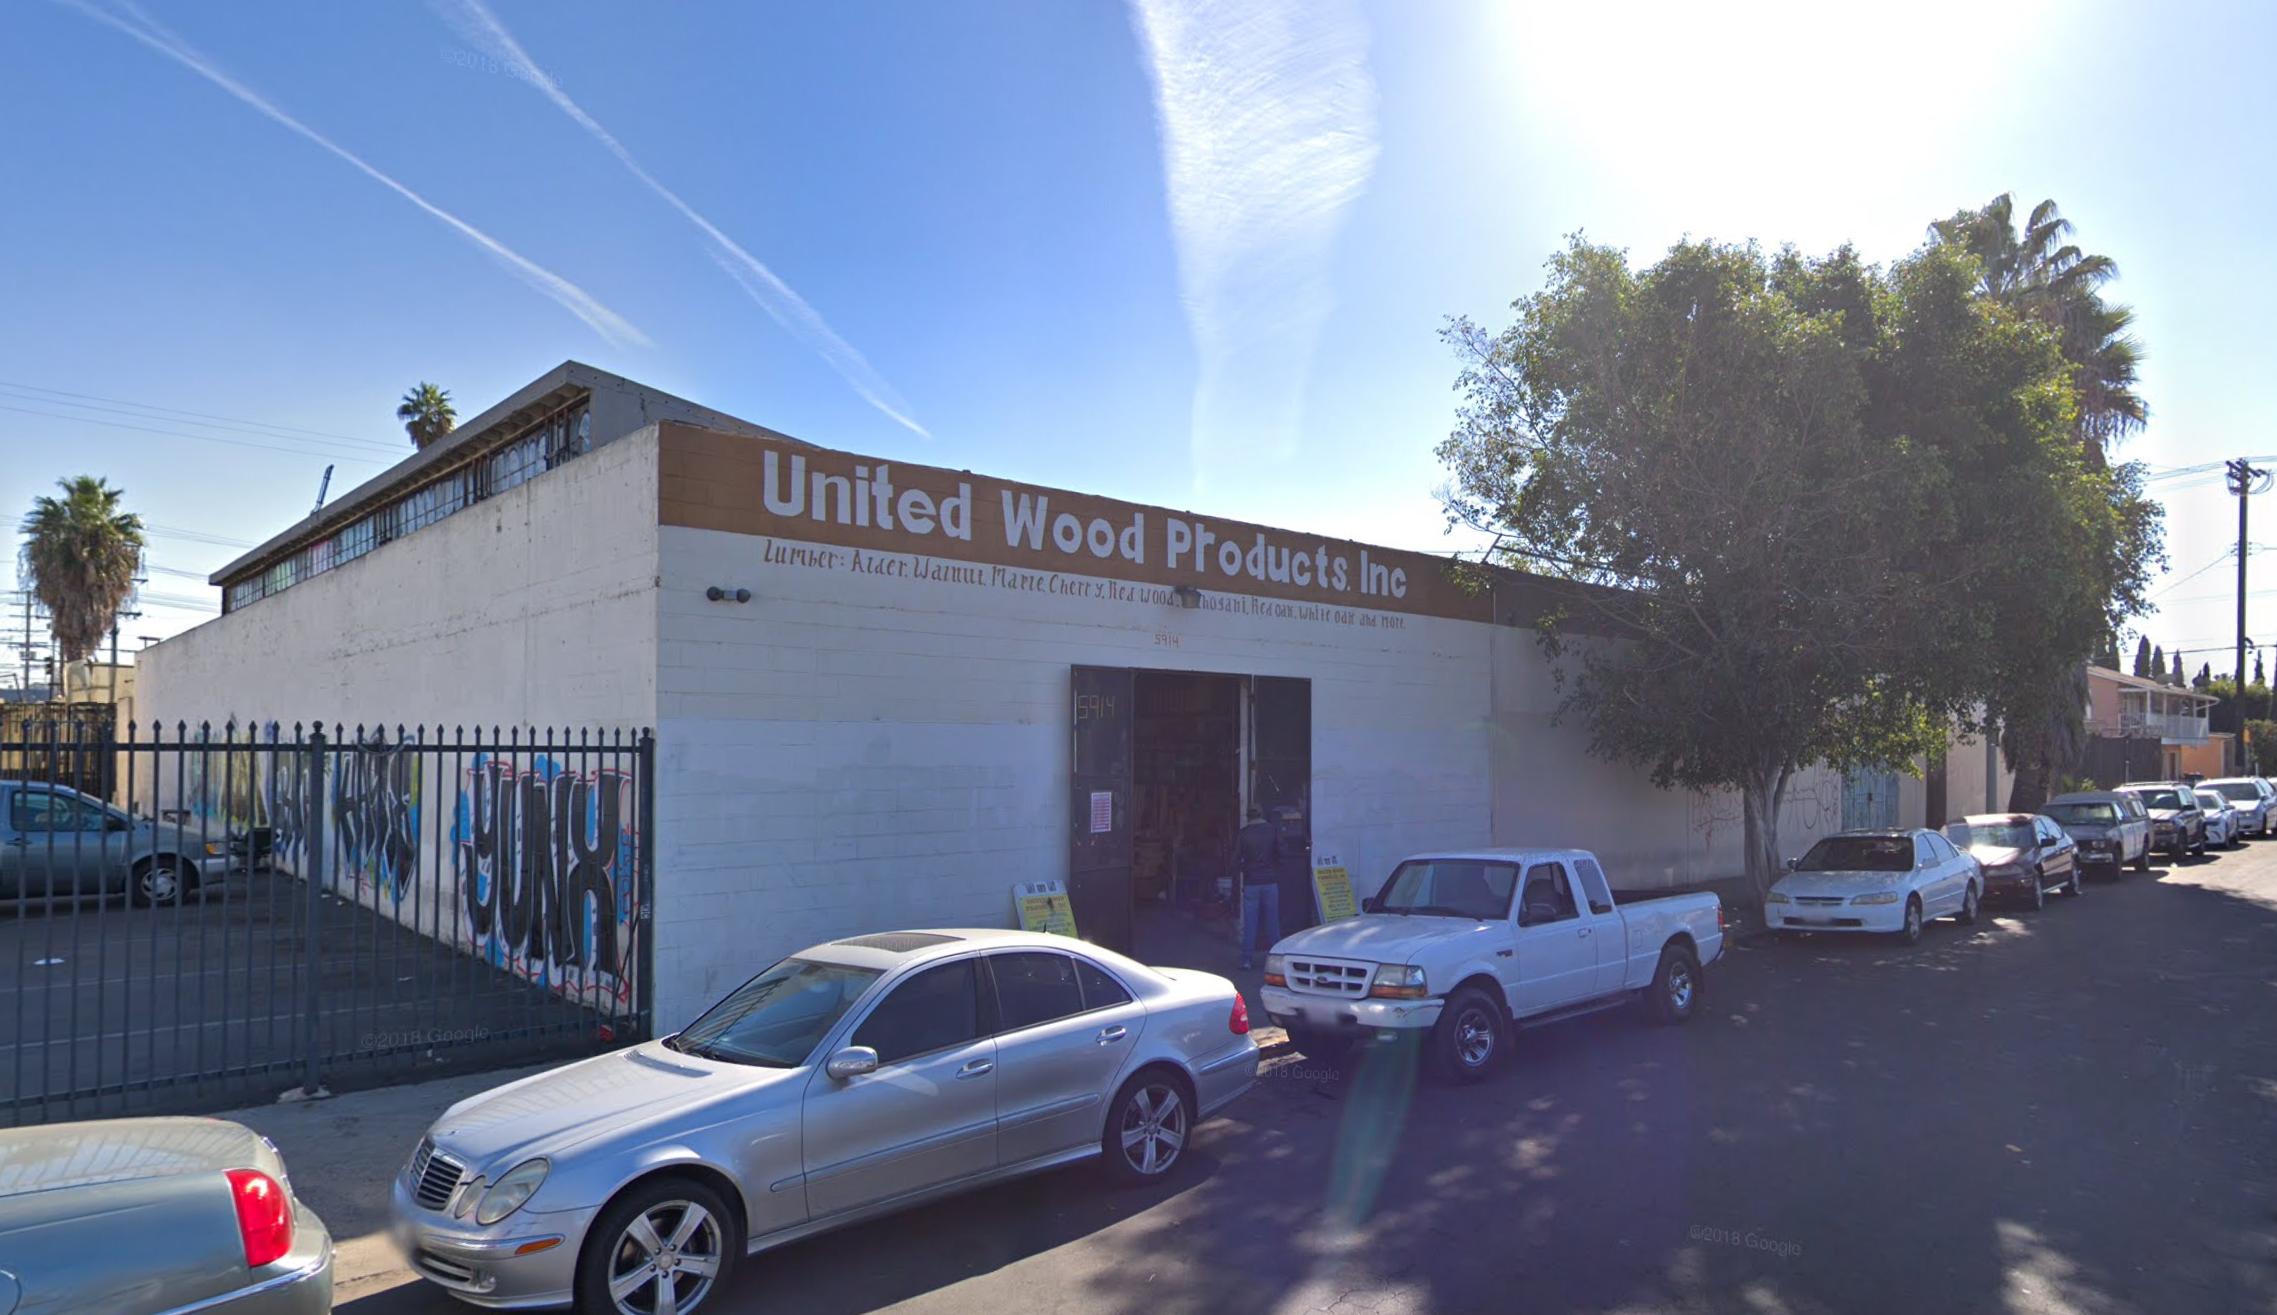 5914-5920 Mettler Street,Los Angeles, CA 90003 - LEASE RATE: $ 10.80/ SF/ YRRBA: +/- 15,000 SF